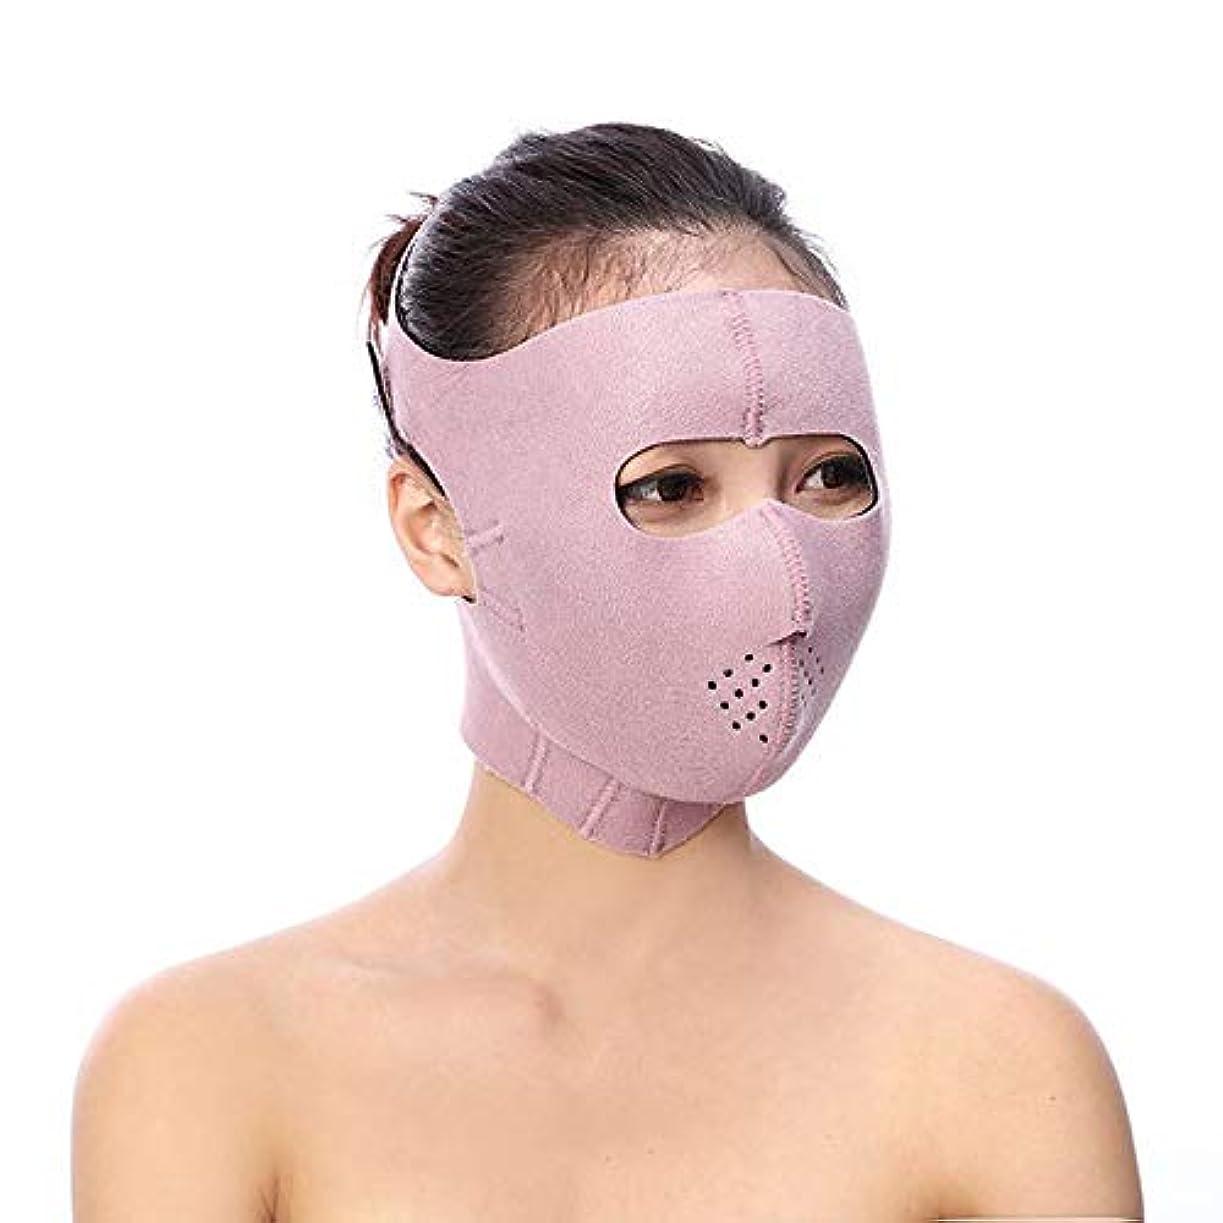 図ジャム細いJia Jia- フェイシャルリフティング痩身ベルト - Vフェイス包帯マスクフェイシャルマッサージャー無料の薄いフェイス包帯整形マスクを引き締める顔と首の顔スリム 顔面包帯